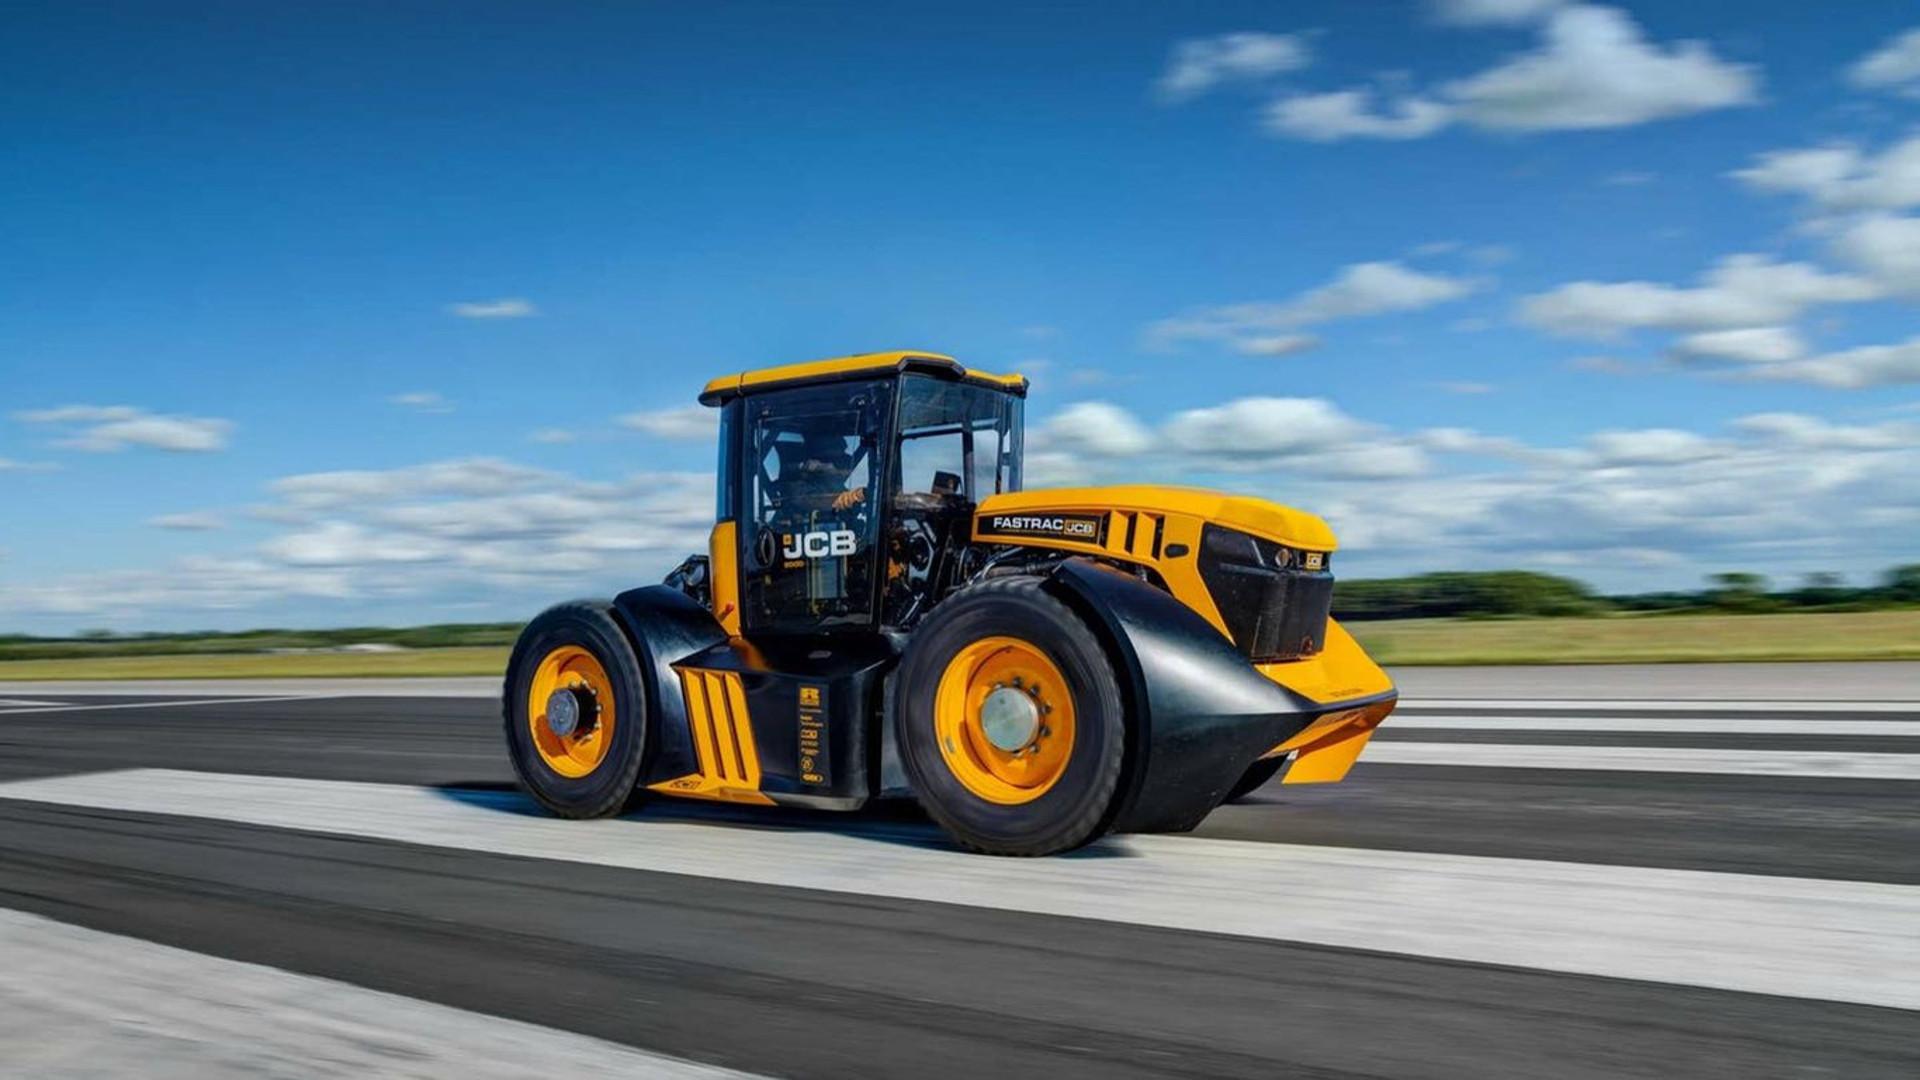 un-tractor-jcb-consigue-el-record-de-velocidad-1920